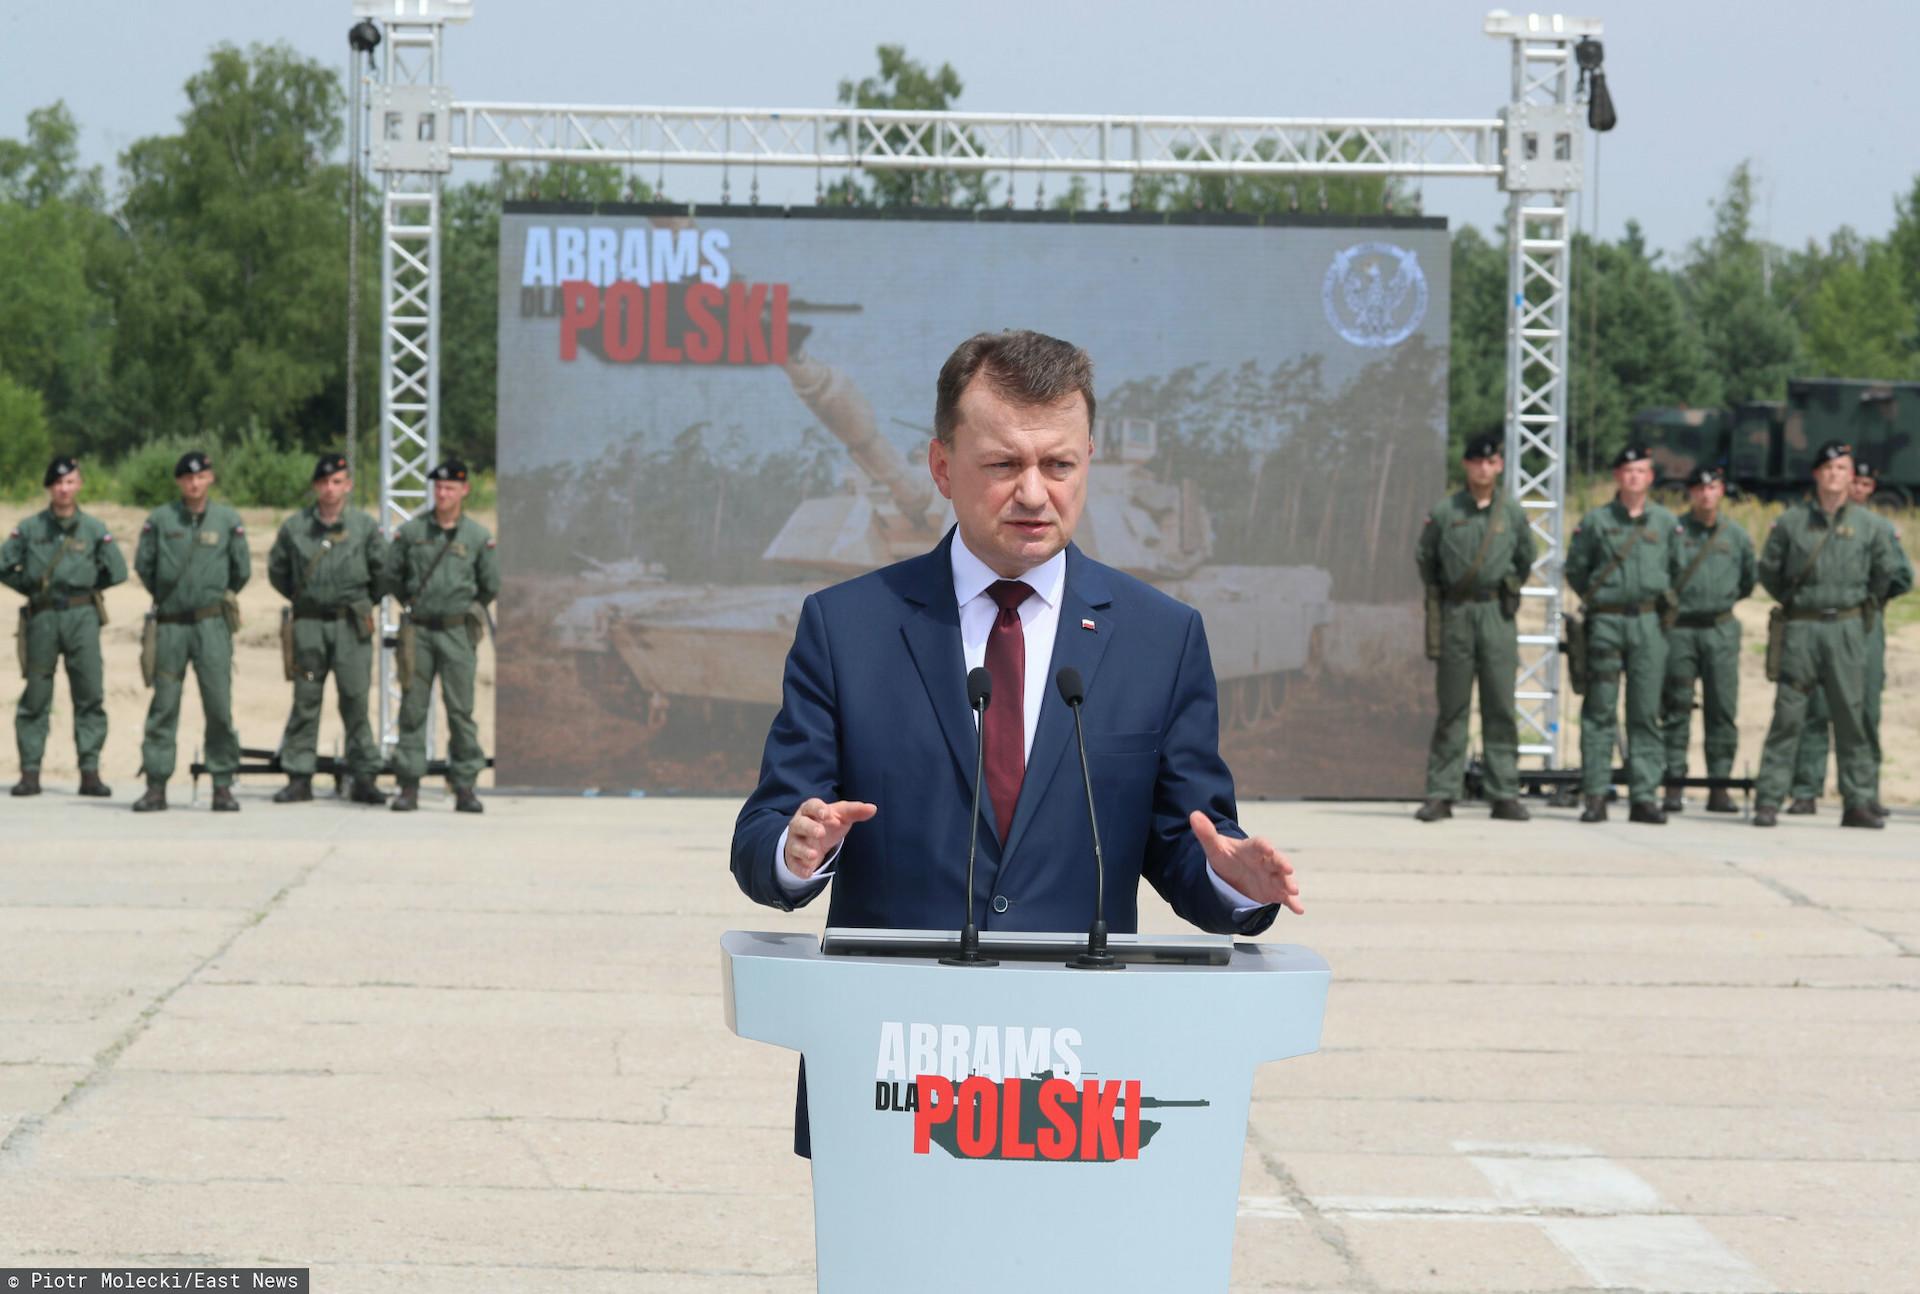 Mariusz Błaszczak zapowiedział rozstawianie czołgów Abrams na Bramie Smoleńskiej, która jest na granicy Rosji i Białorusi